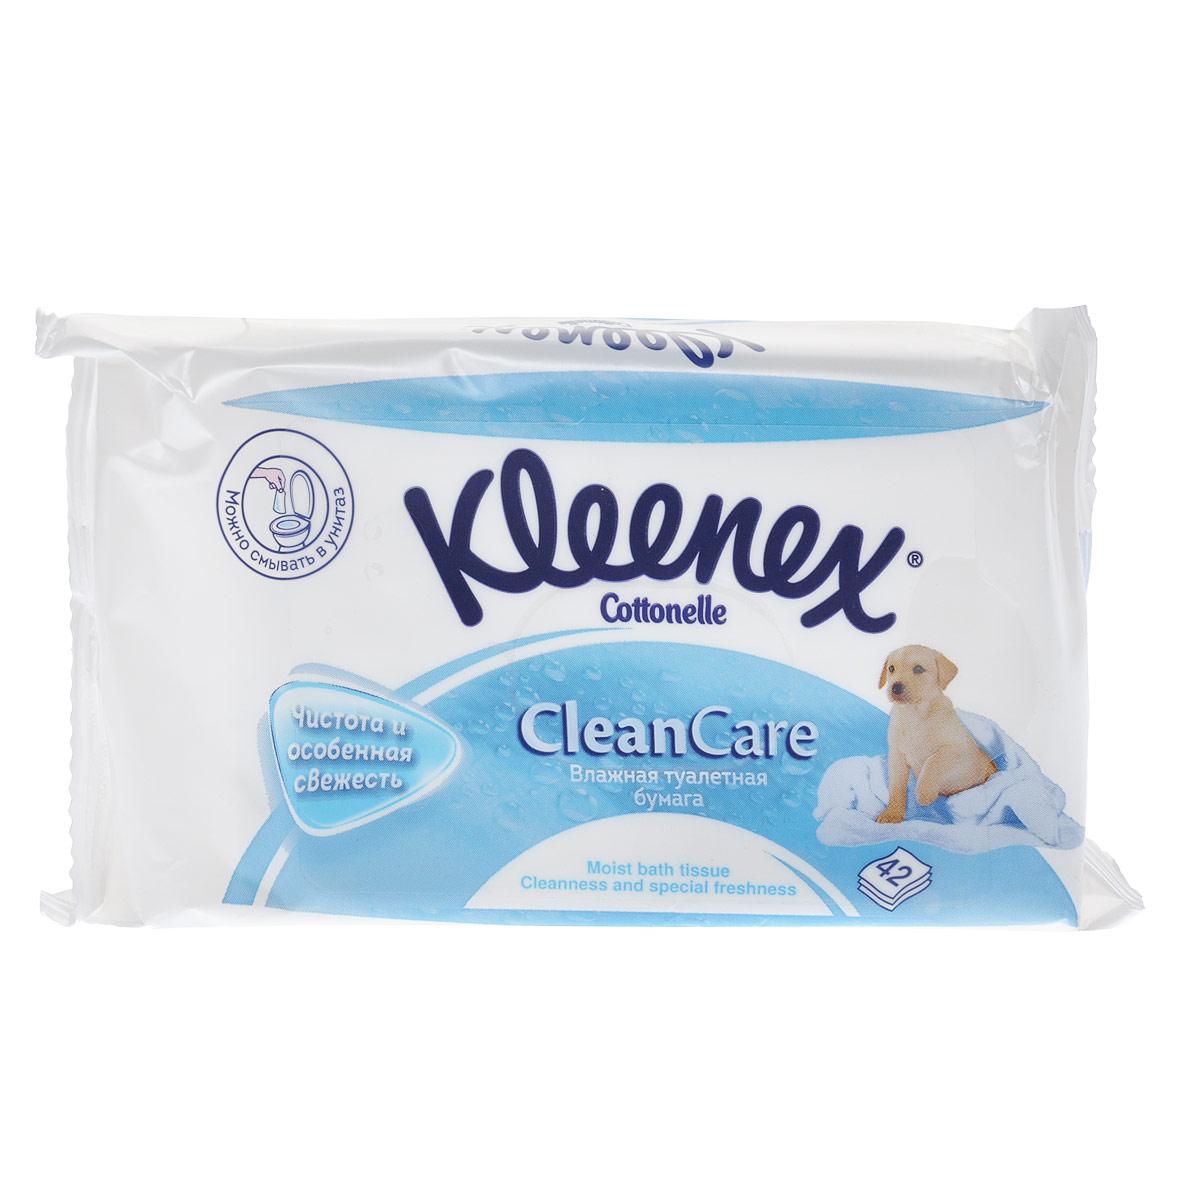 Kleenex Туалетная бумага Clean Care, влажная, сменный блок, 42 шт391602Влажная туалетная бумага обеспечит вам повышенный уровень чистоты, гигиены и удобства дома, в офисе, на отдыхе, в дороге. Используйте после обычной туалетной бумаги для ощущения чистоты и свежести.Товар сертифицирован.